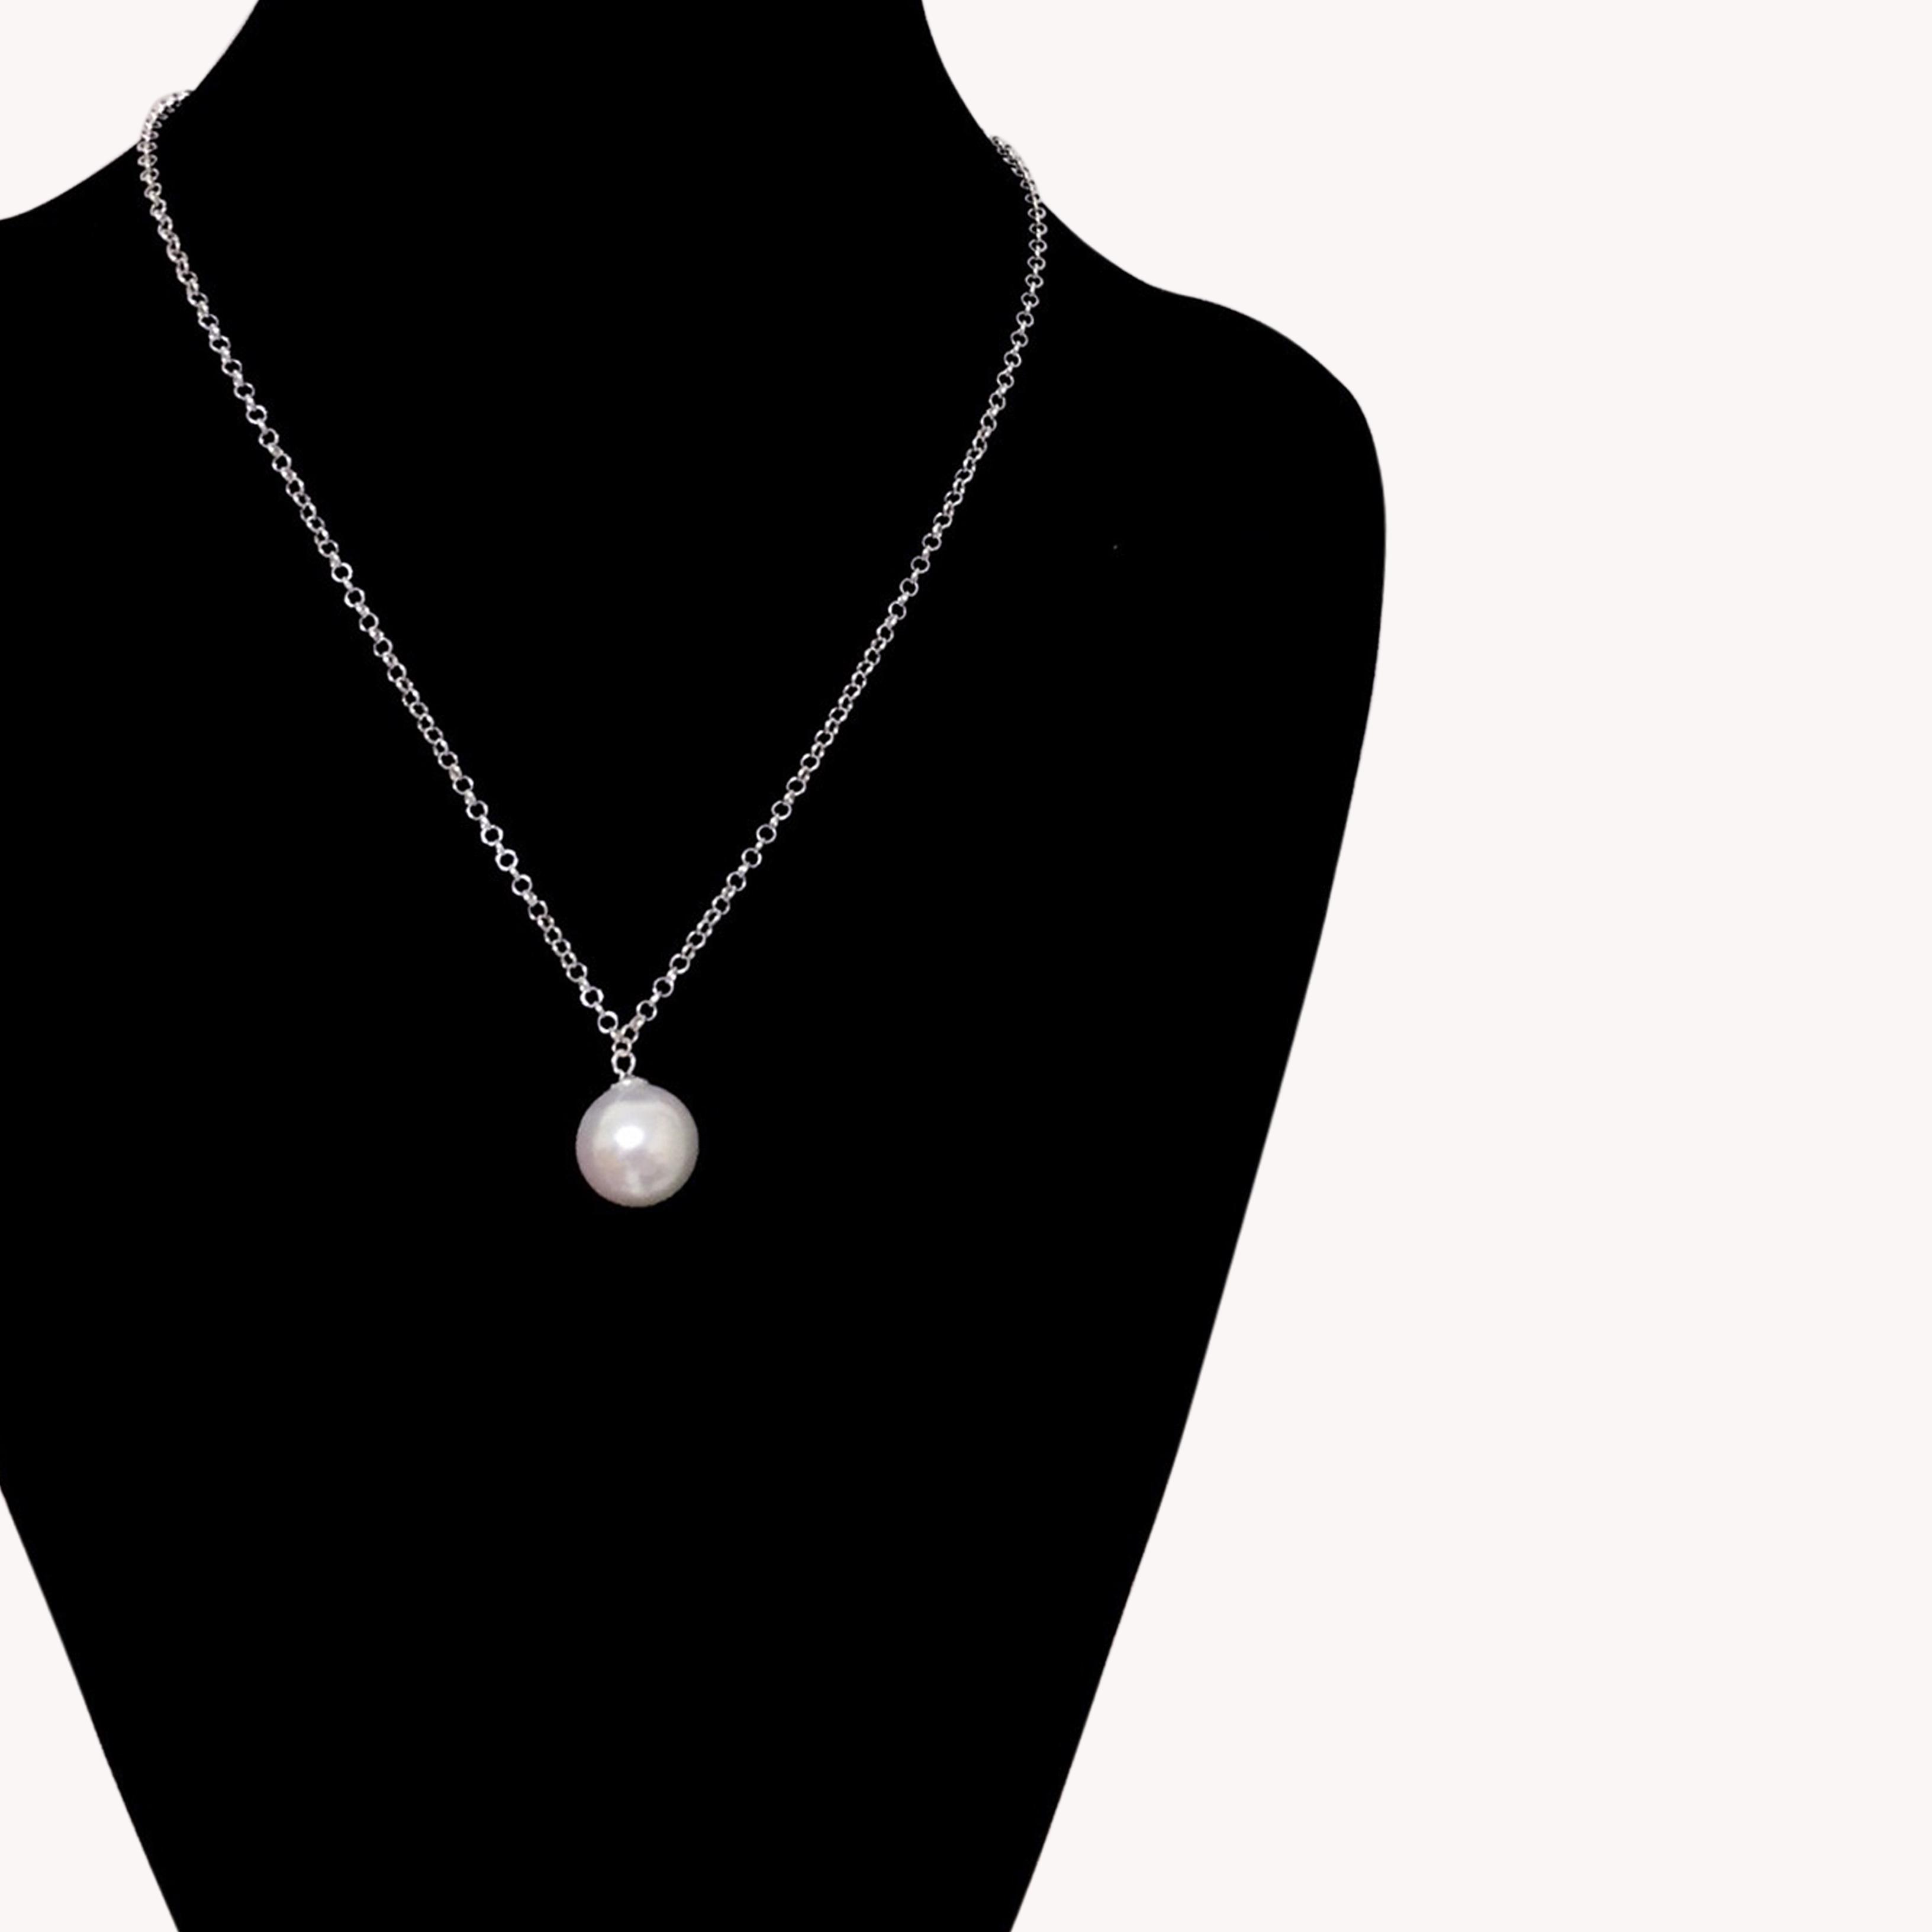 單顆珍珠項鍊